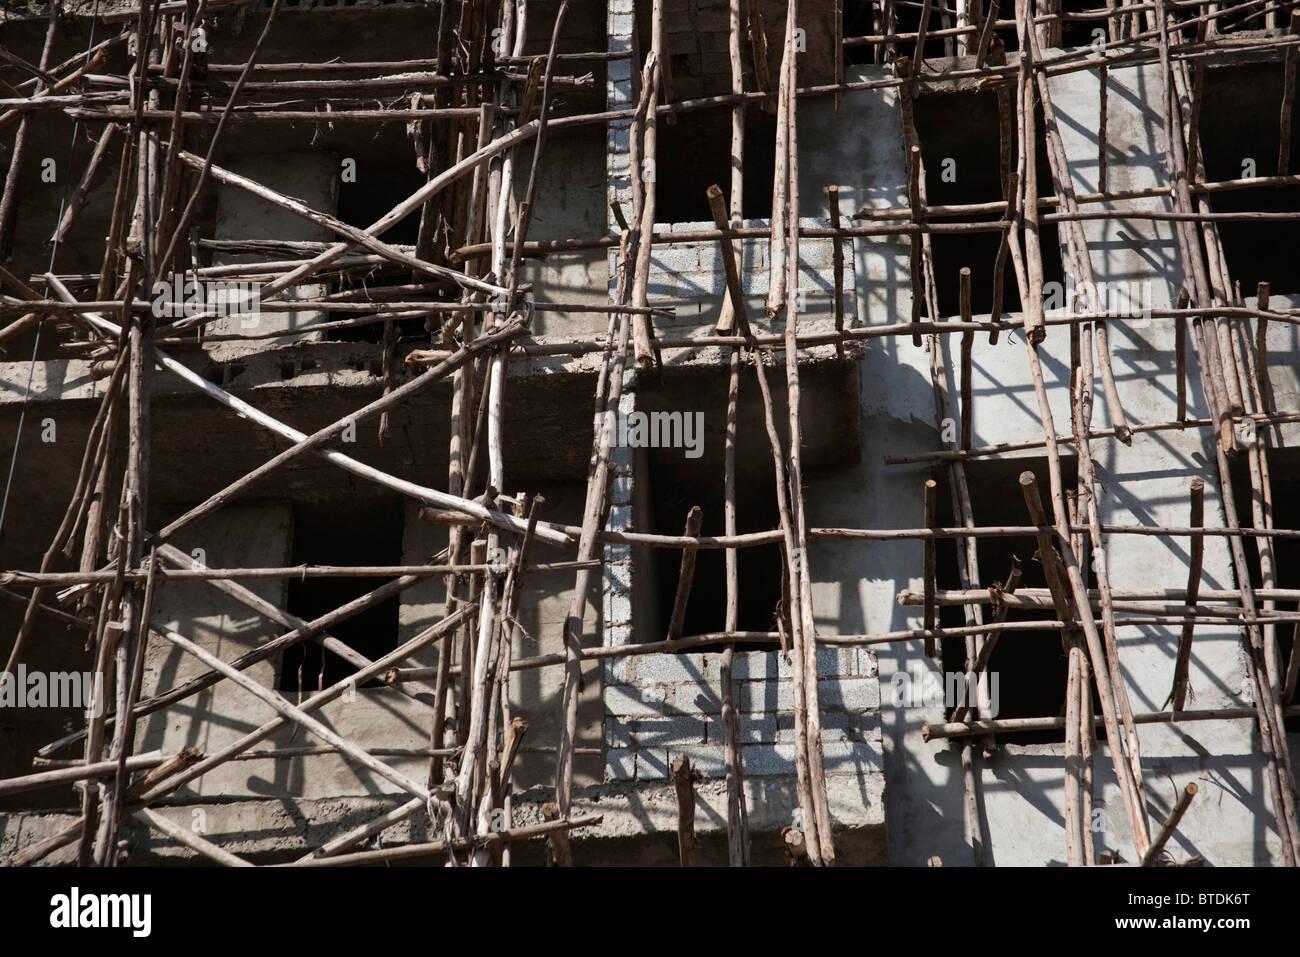 Bau und hölzerne Gerüste und Bildschirme in der Innenstadt von Awassa auf einem mehrstöckigen Gebäude Stockbild